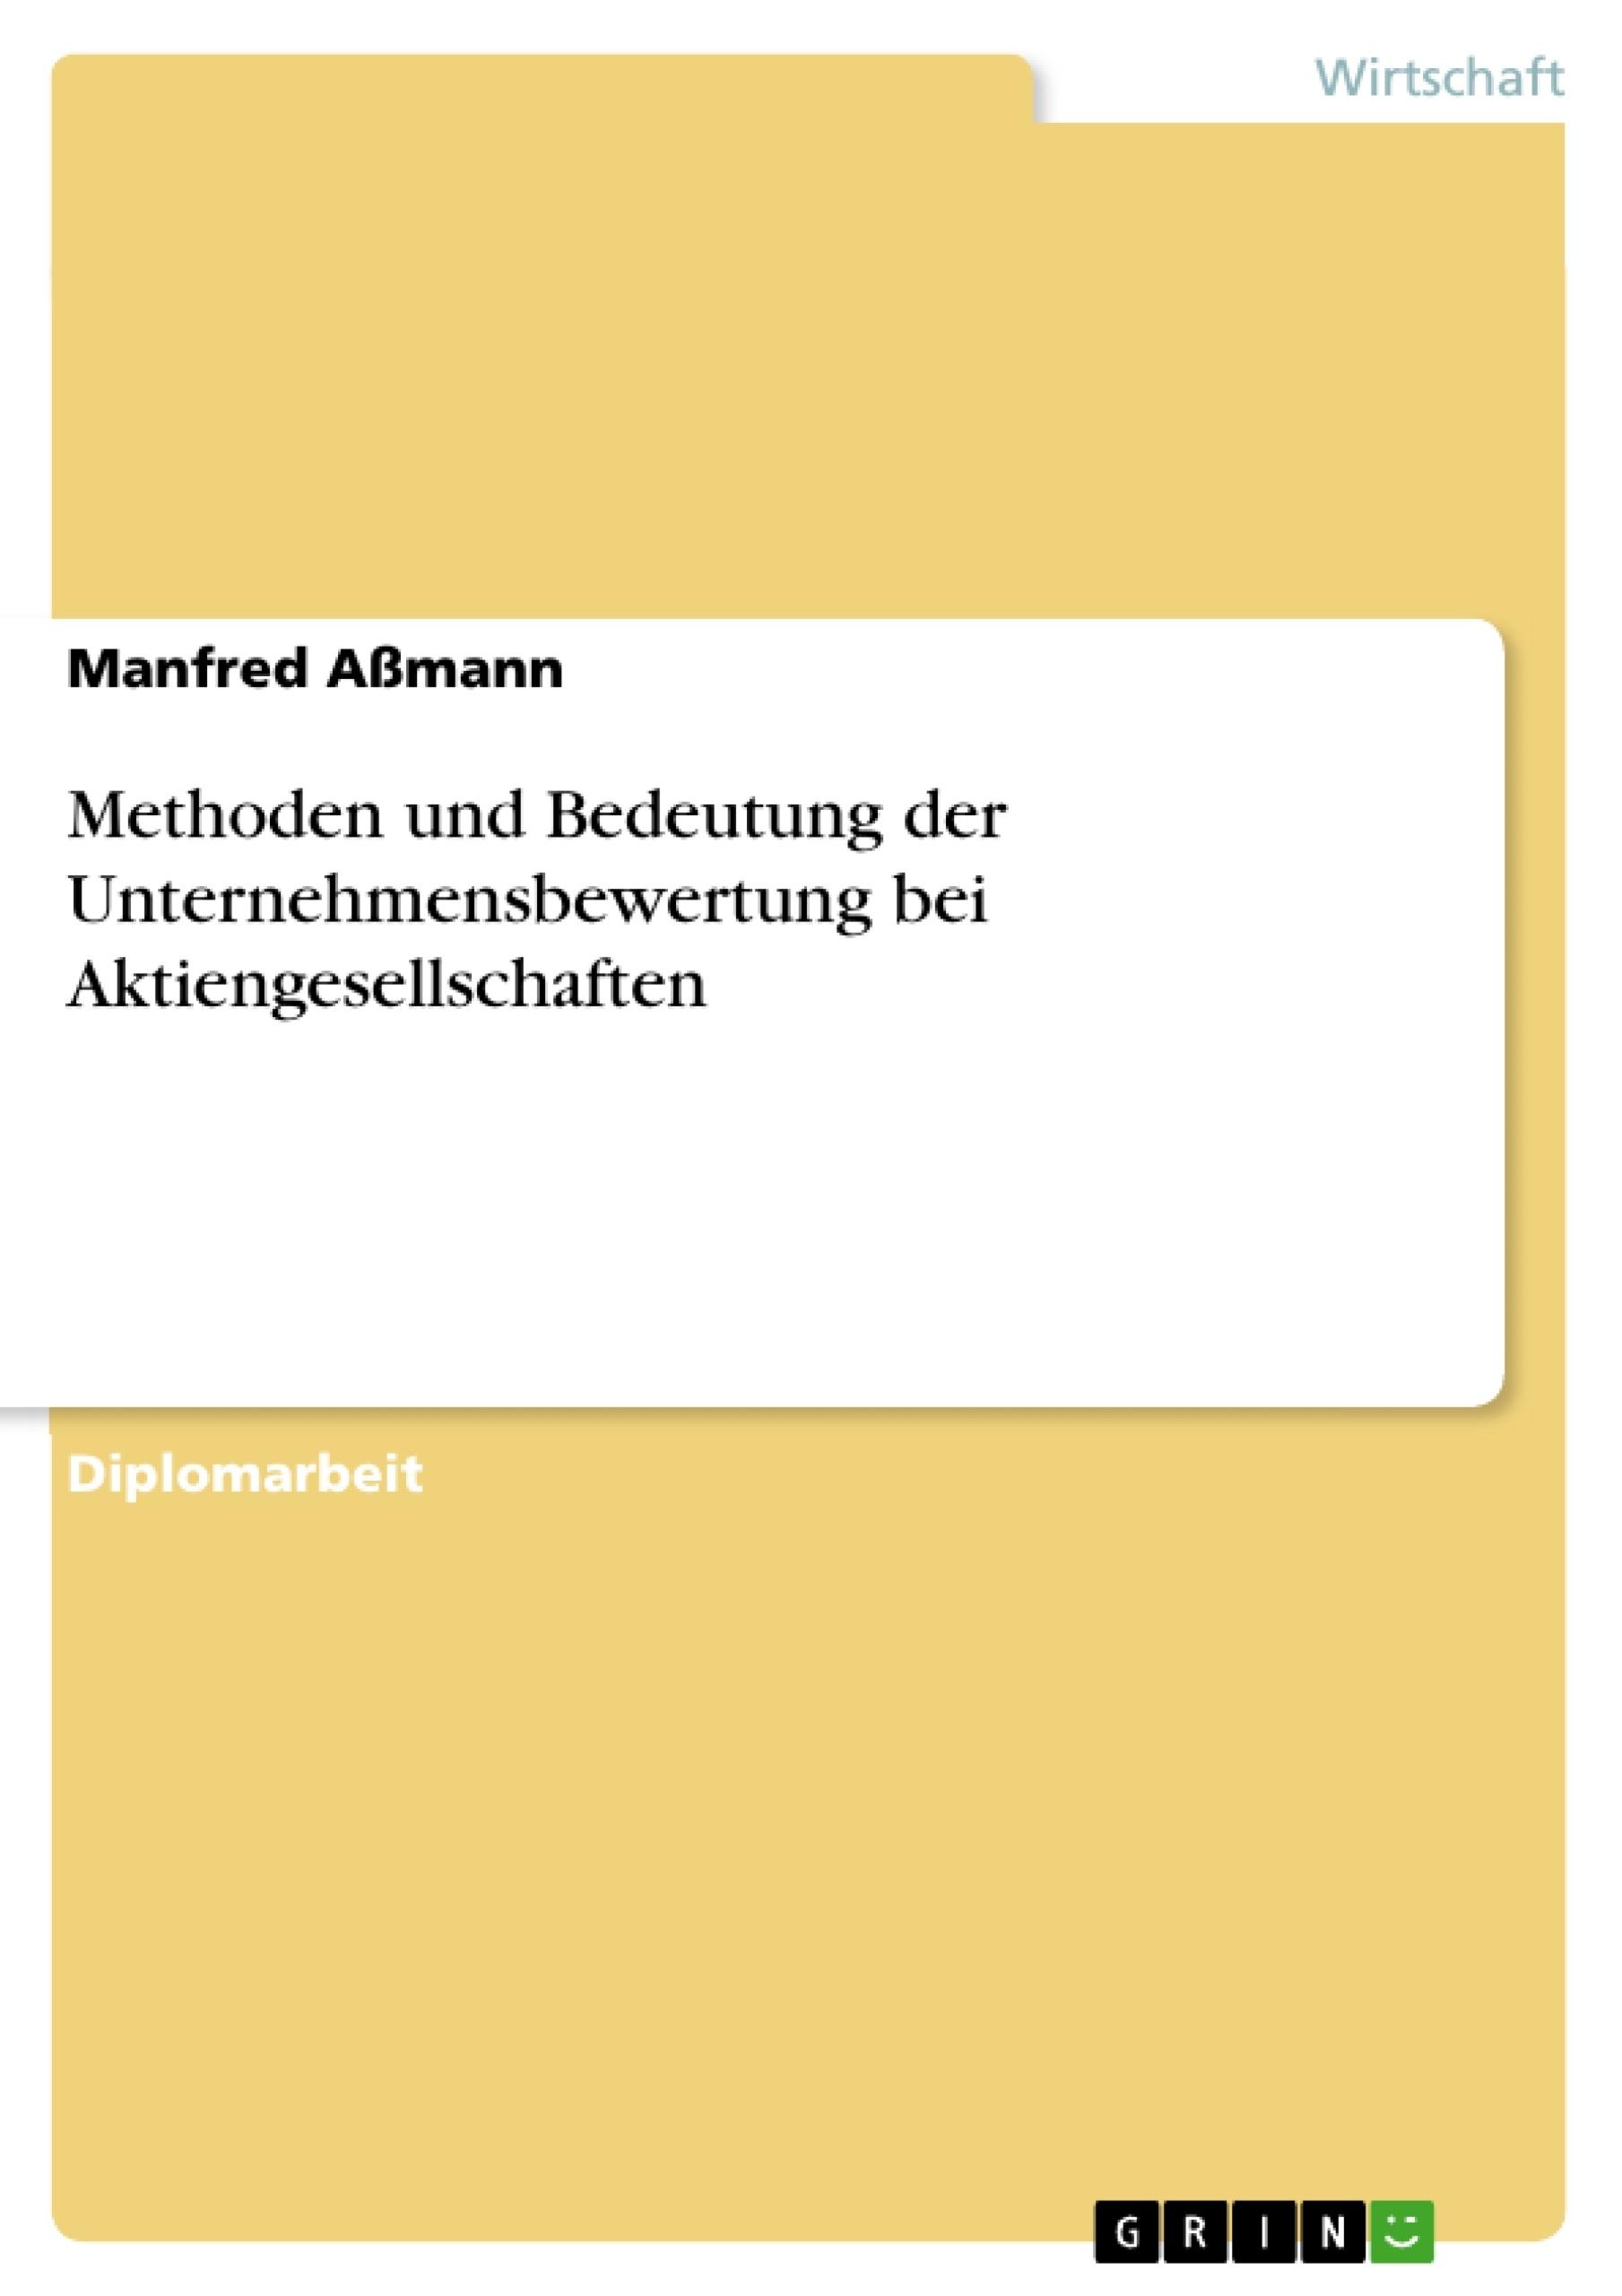 Titel: Methoden und Bedeutung der Unternehmensbewertung bei Aktiengesellschaften